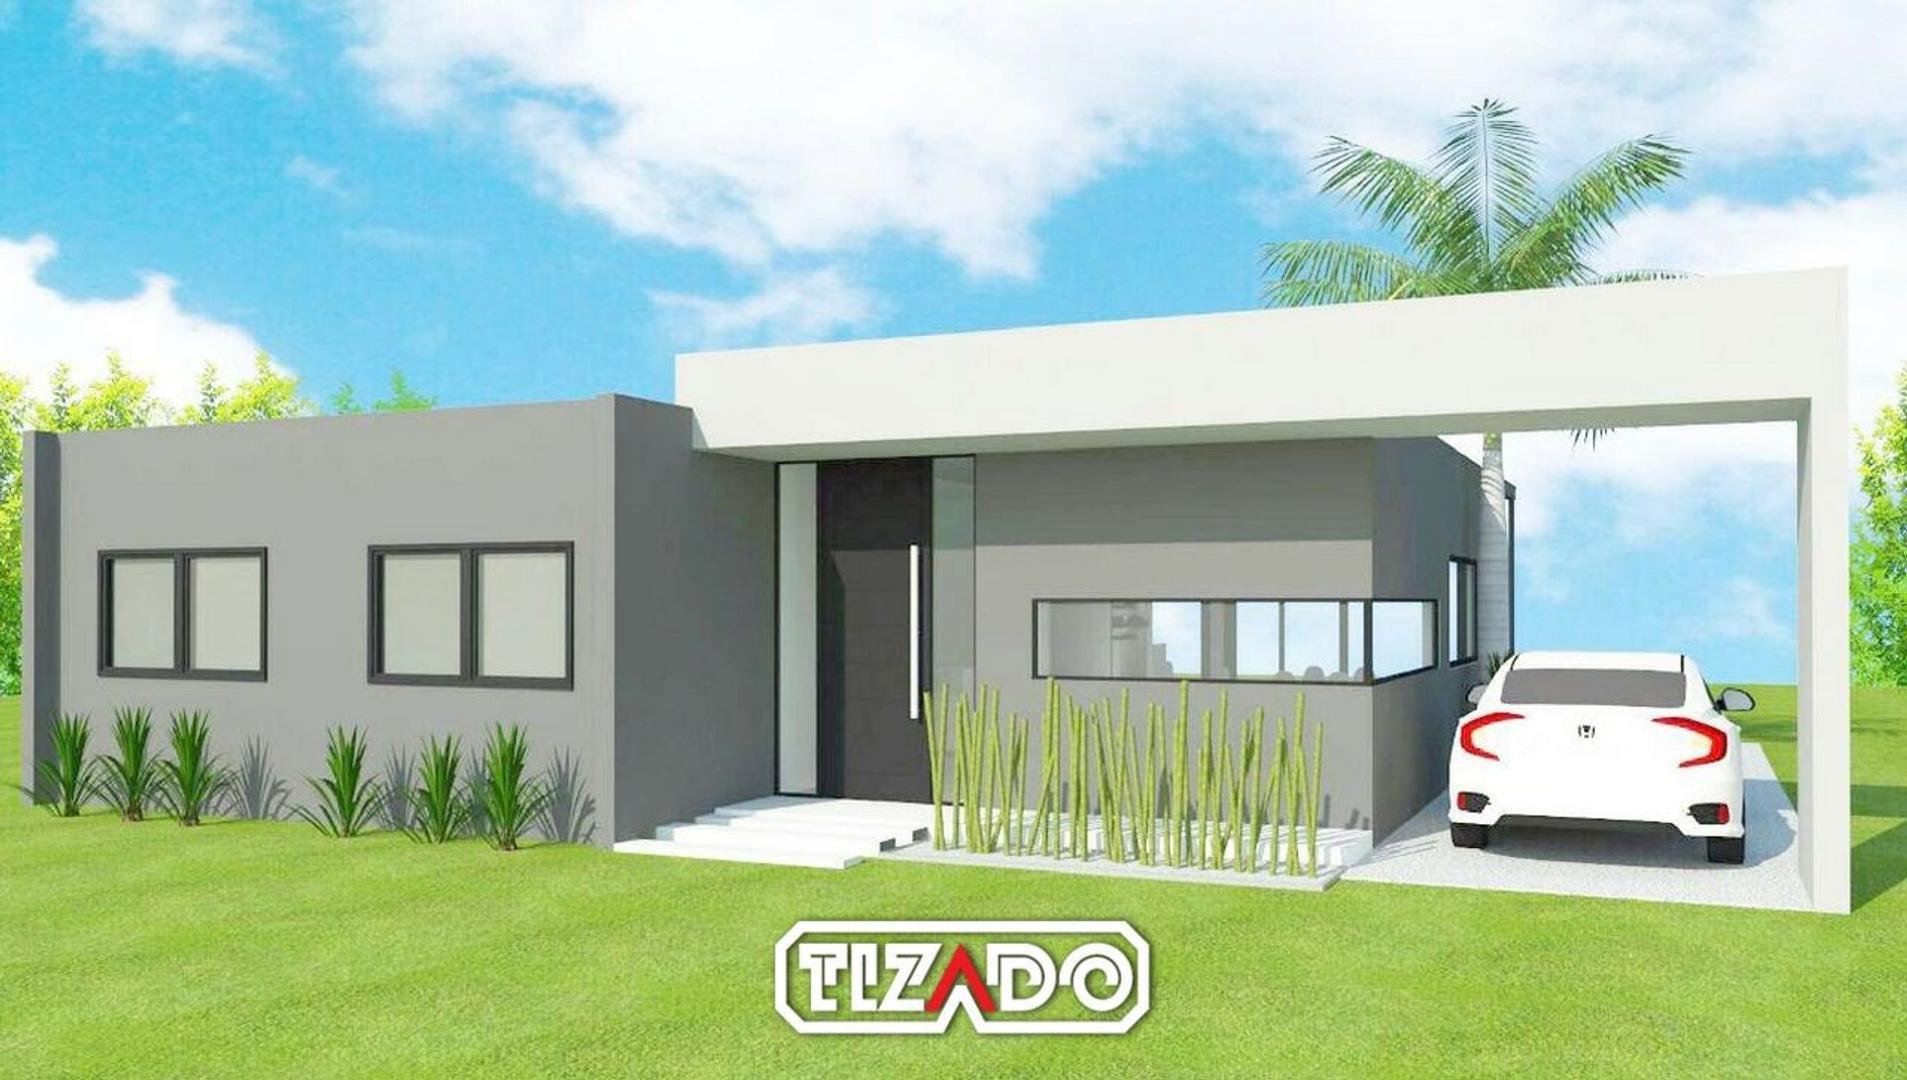 Casa  en Venta ubicado en La Cañada de Pilar, Pilar y Alrededores - PIL3806_LP166917_1